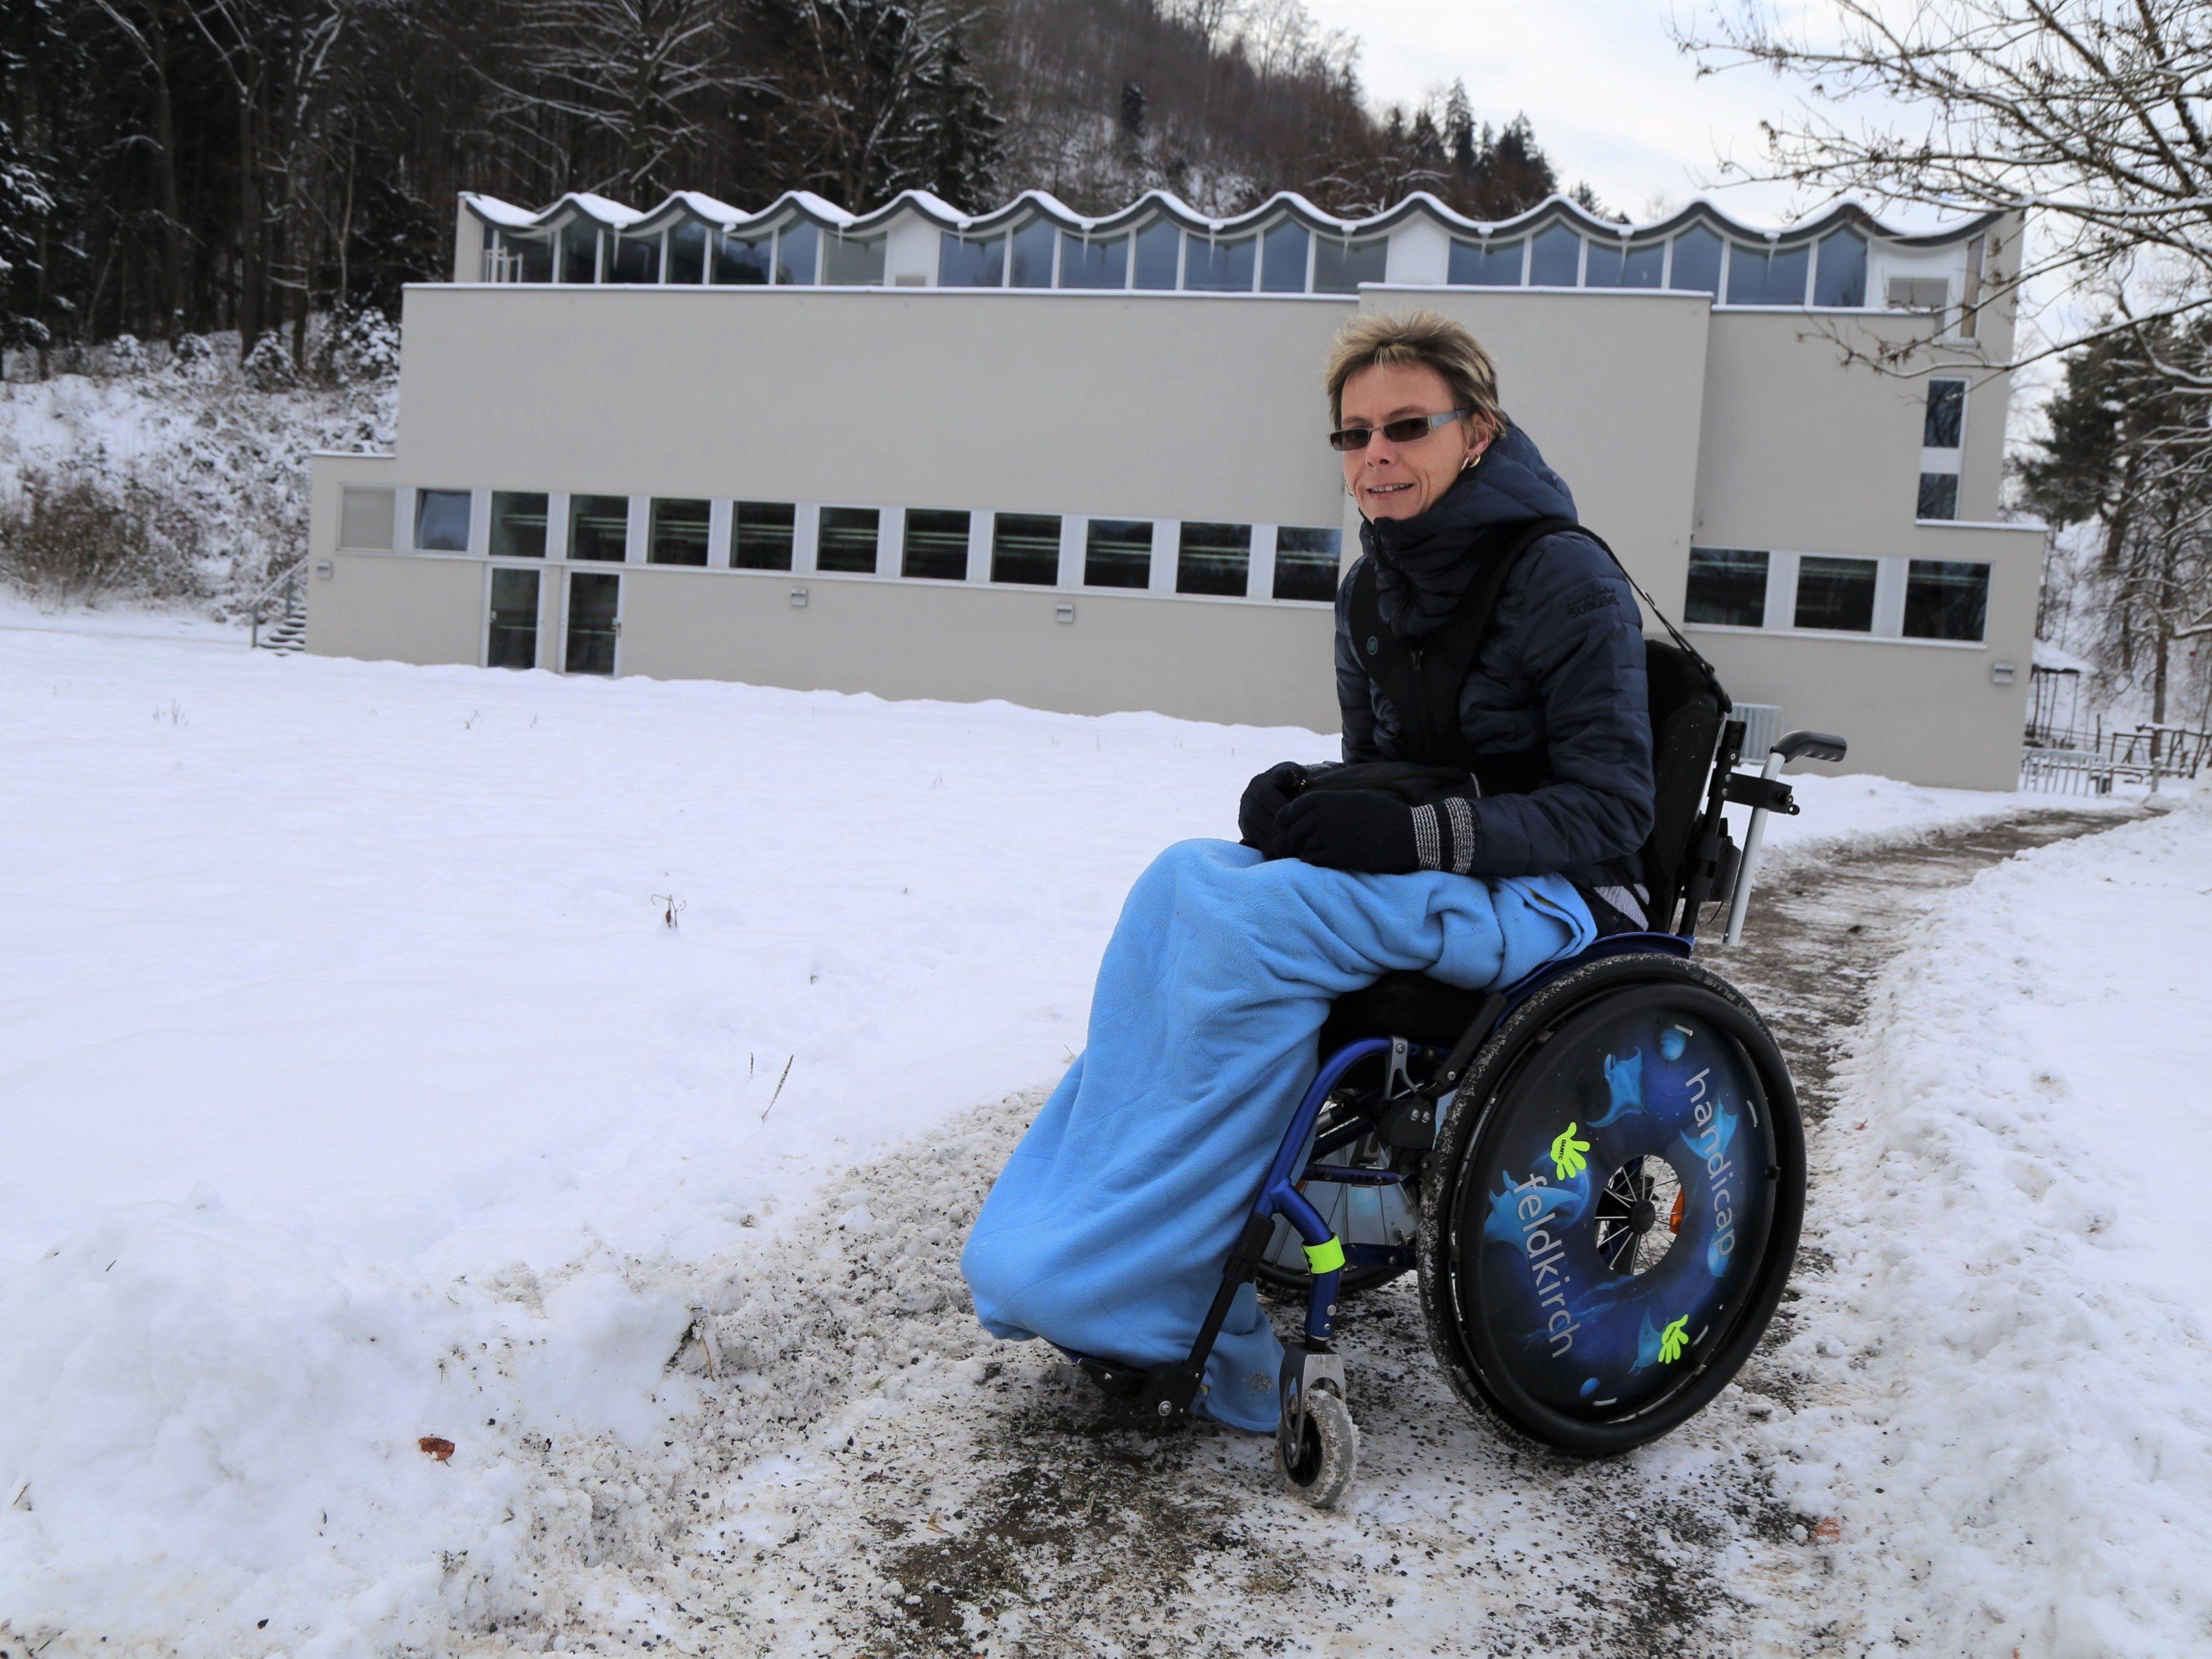 Gabi Schenk, Obfrau Stammtisch für Menschen mit Handicap, freut sich über die Anschaffung.